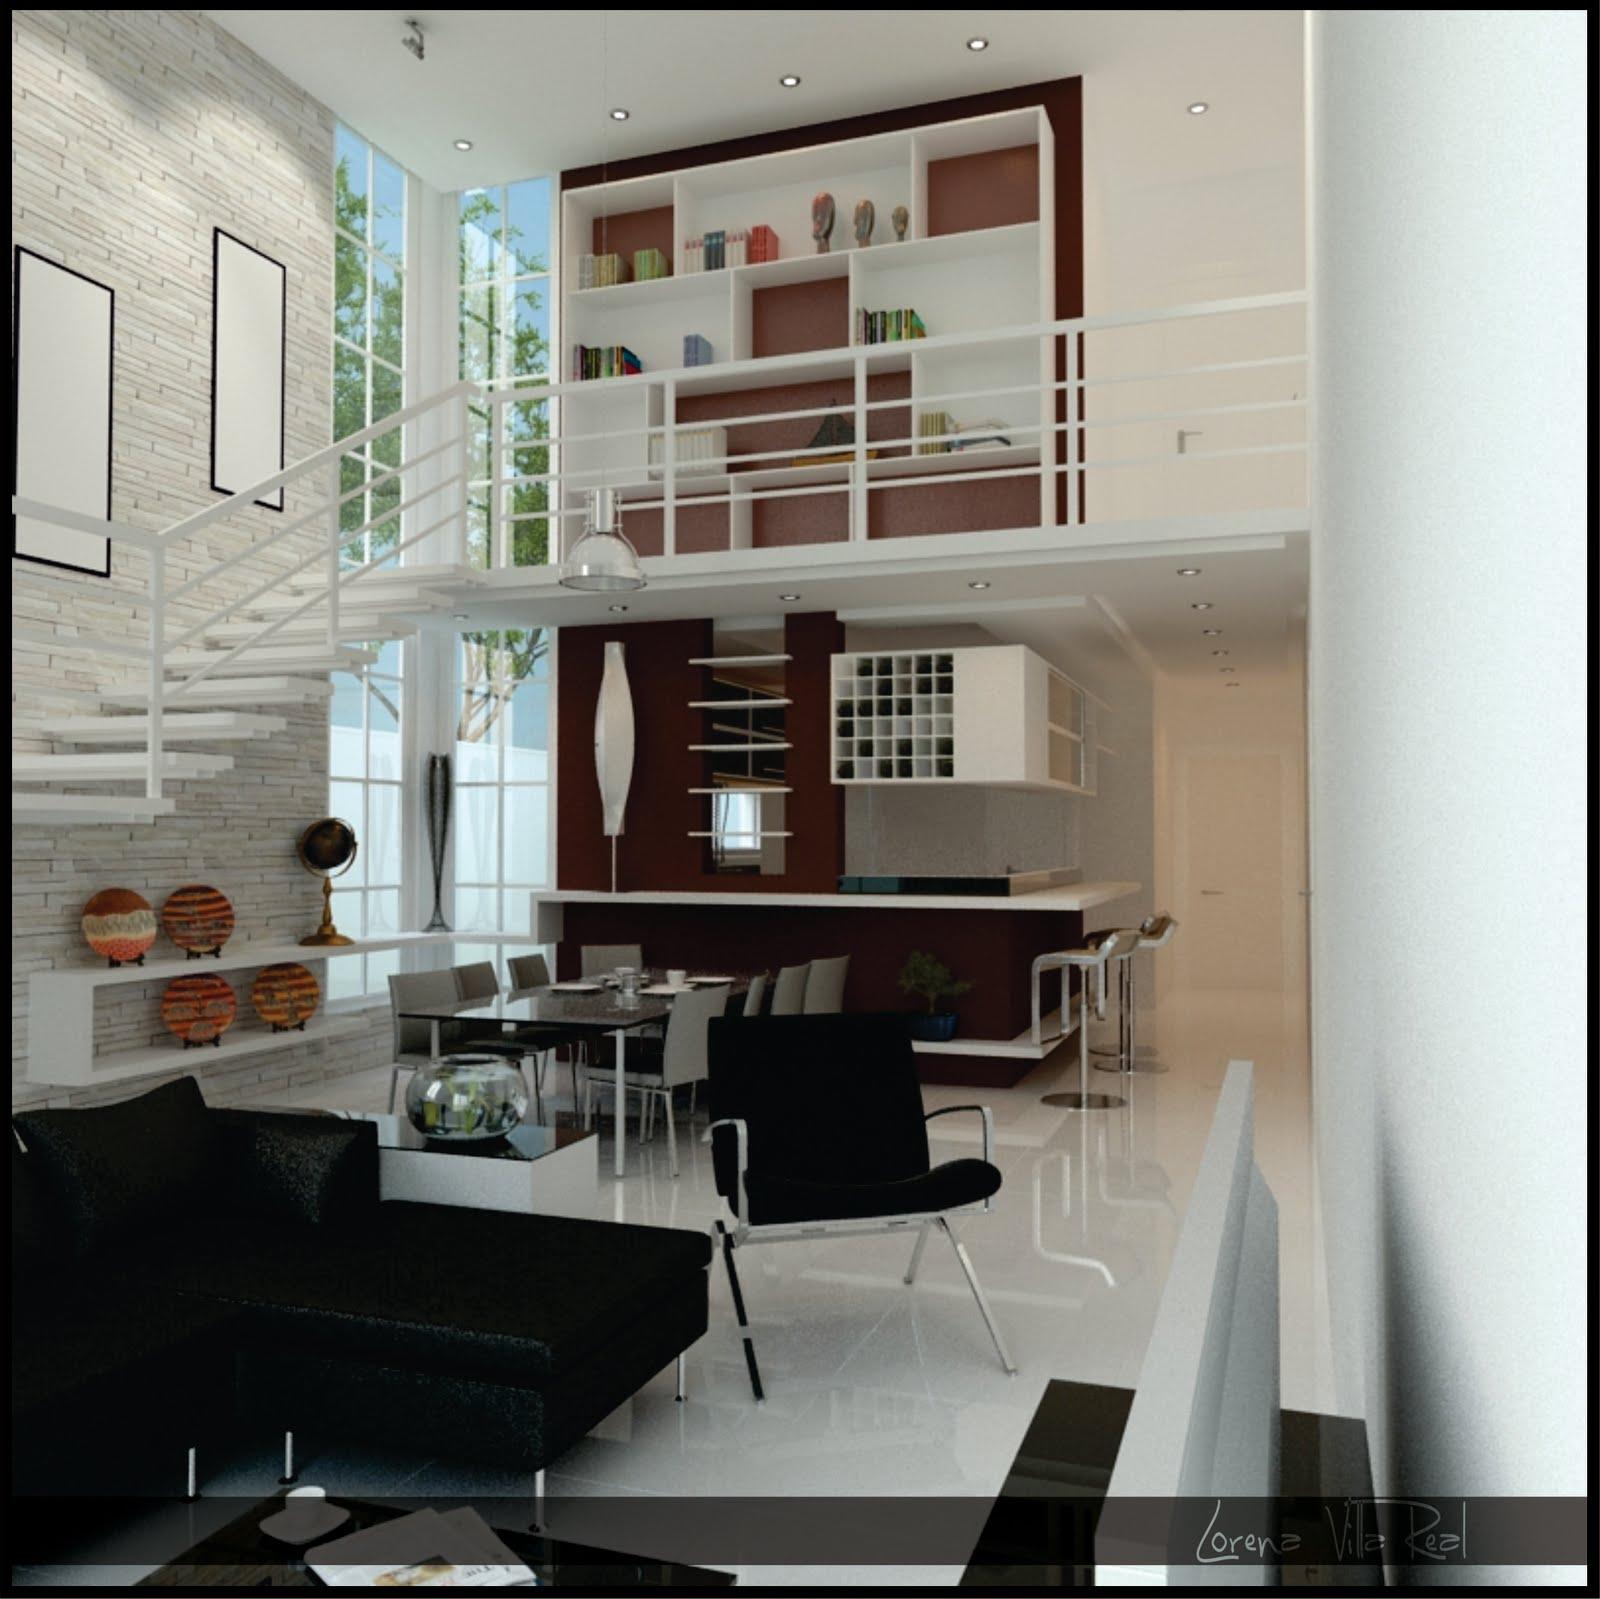 #5F4538  cozinha americana uma pequena biblioteca no corredor superior que dá 1600x1599 px Projetos Cozinha Corredor #17 imagens